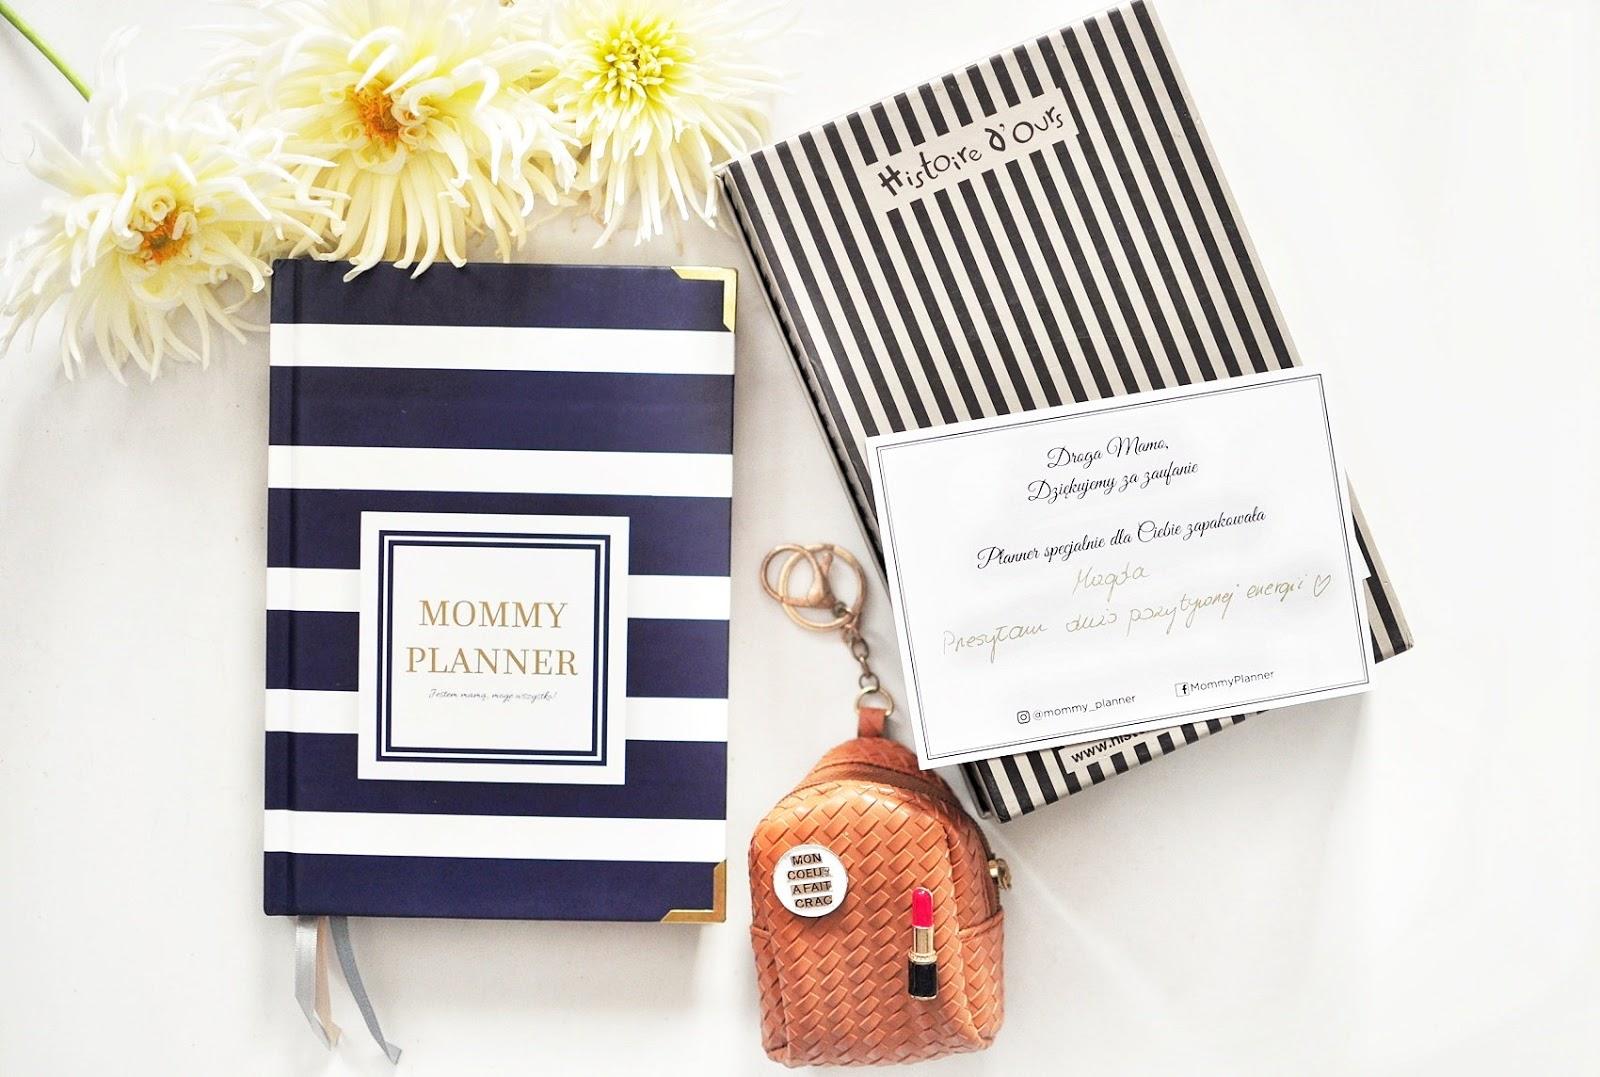 Jak mamy planują swój czas – mommy planner